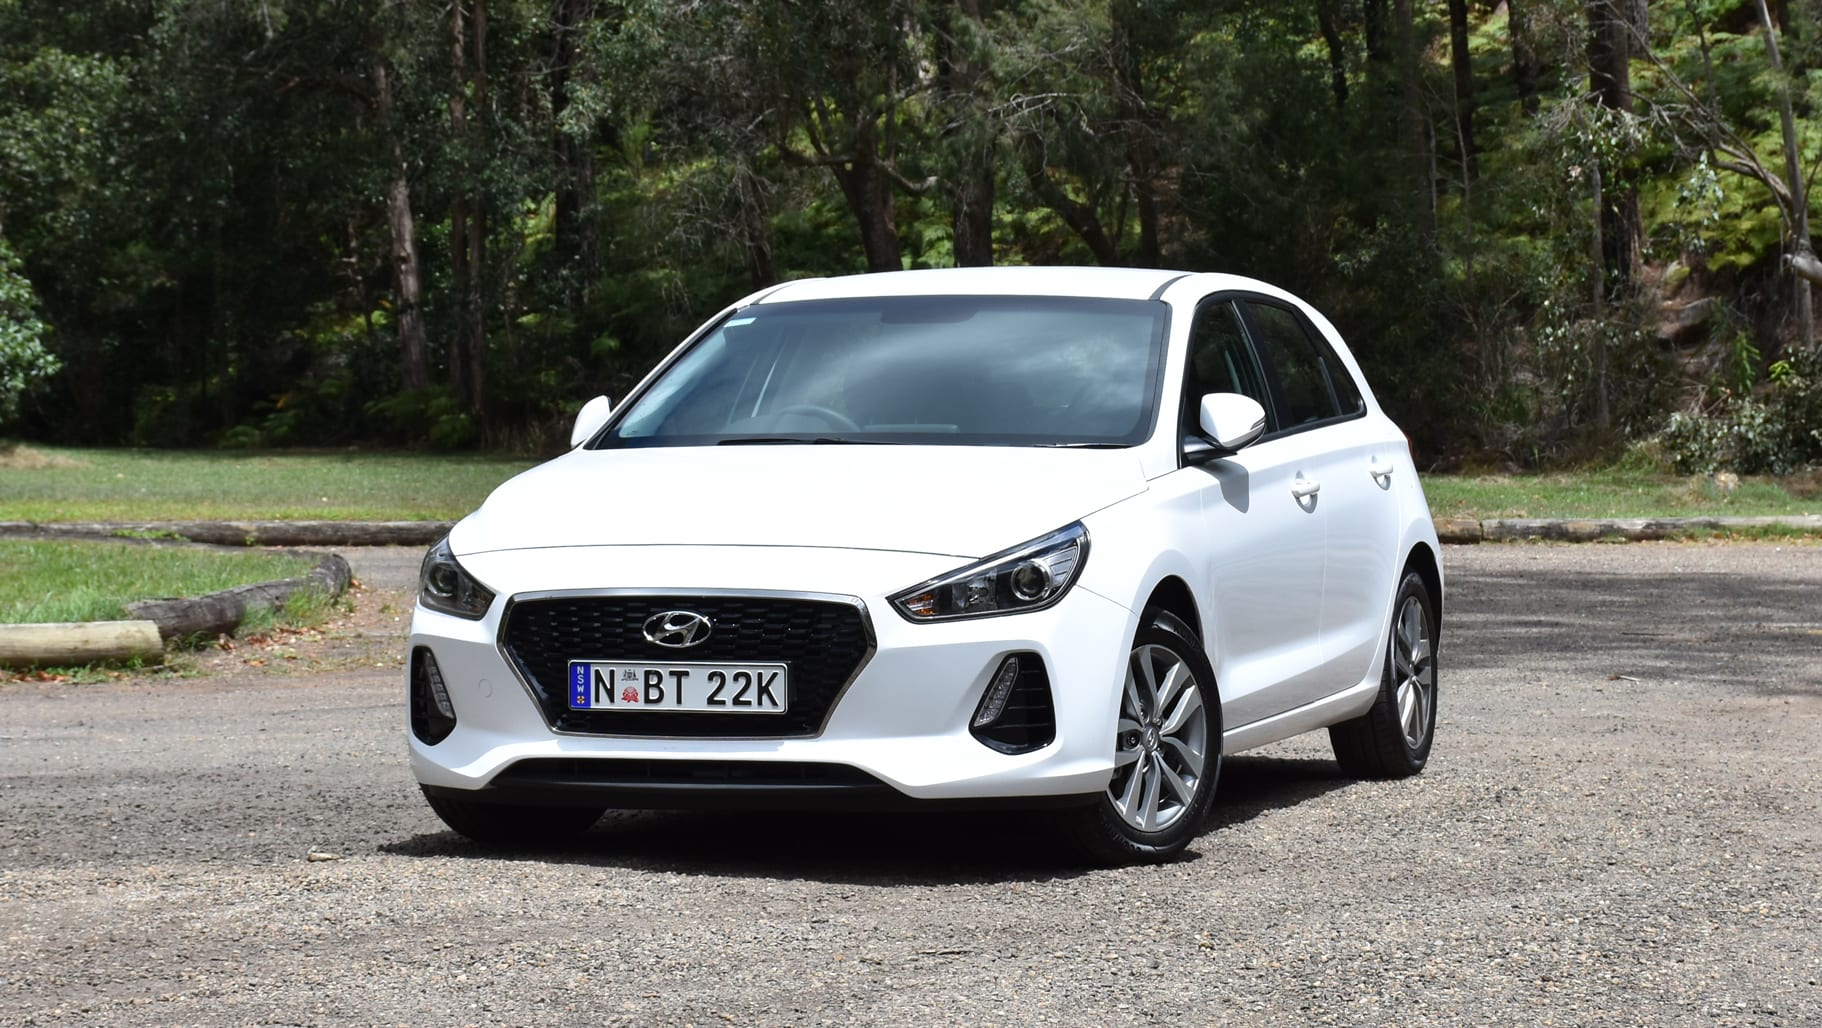 Hyundai i30 fuel consumption per 100km